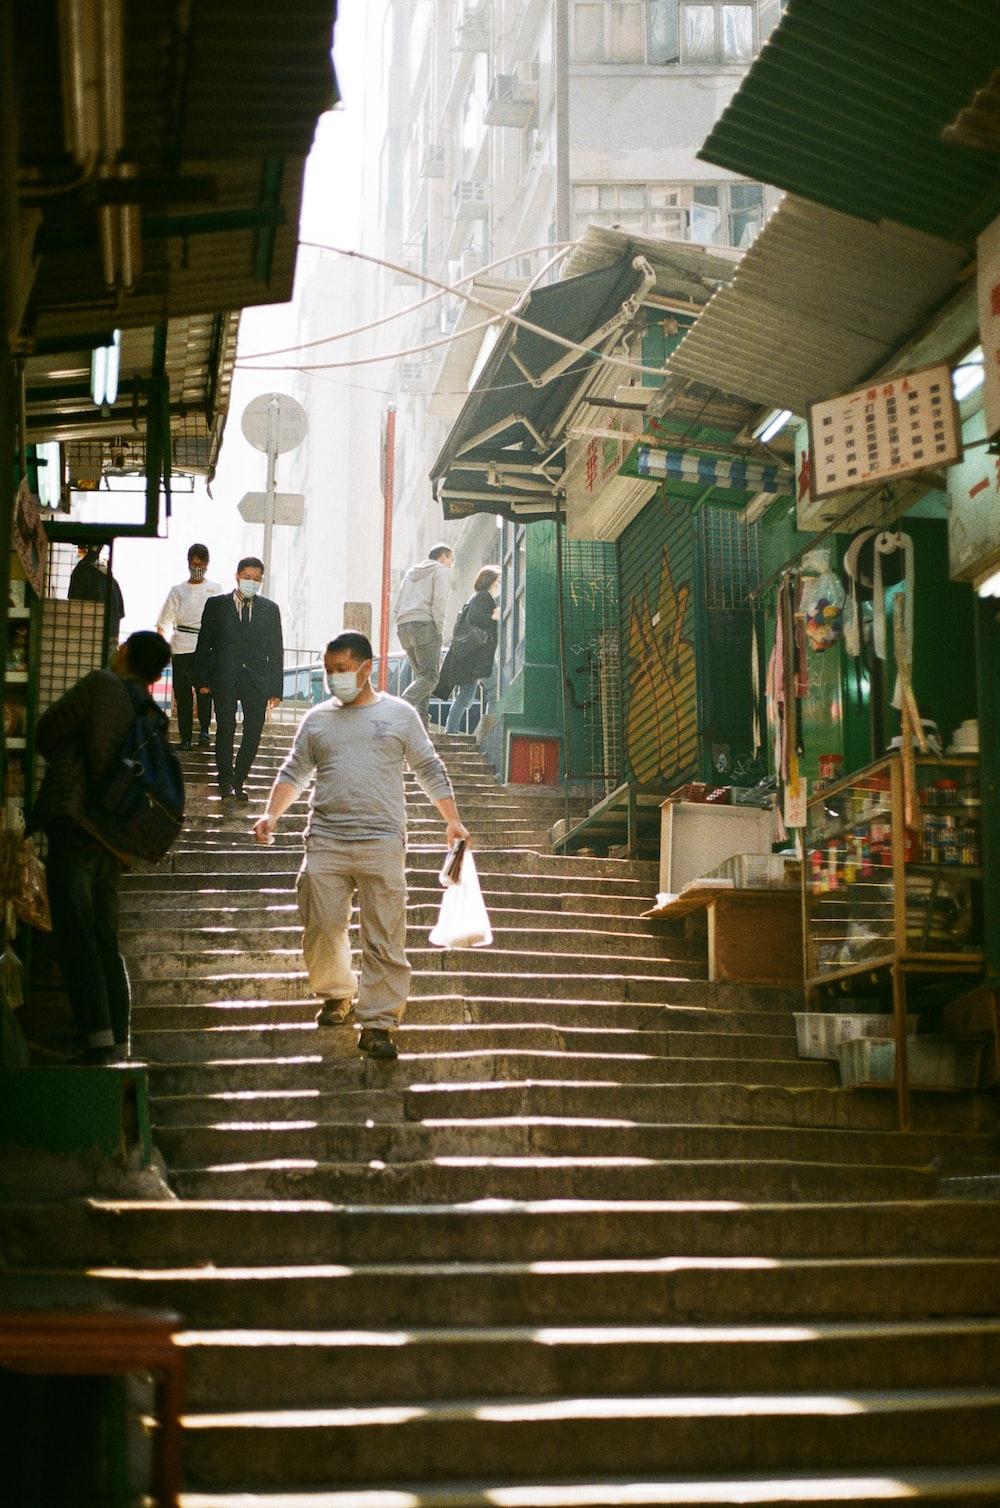 man in gray dress shirt walking on sidewalk during daytime